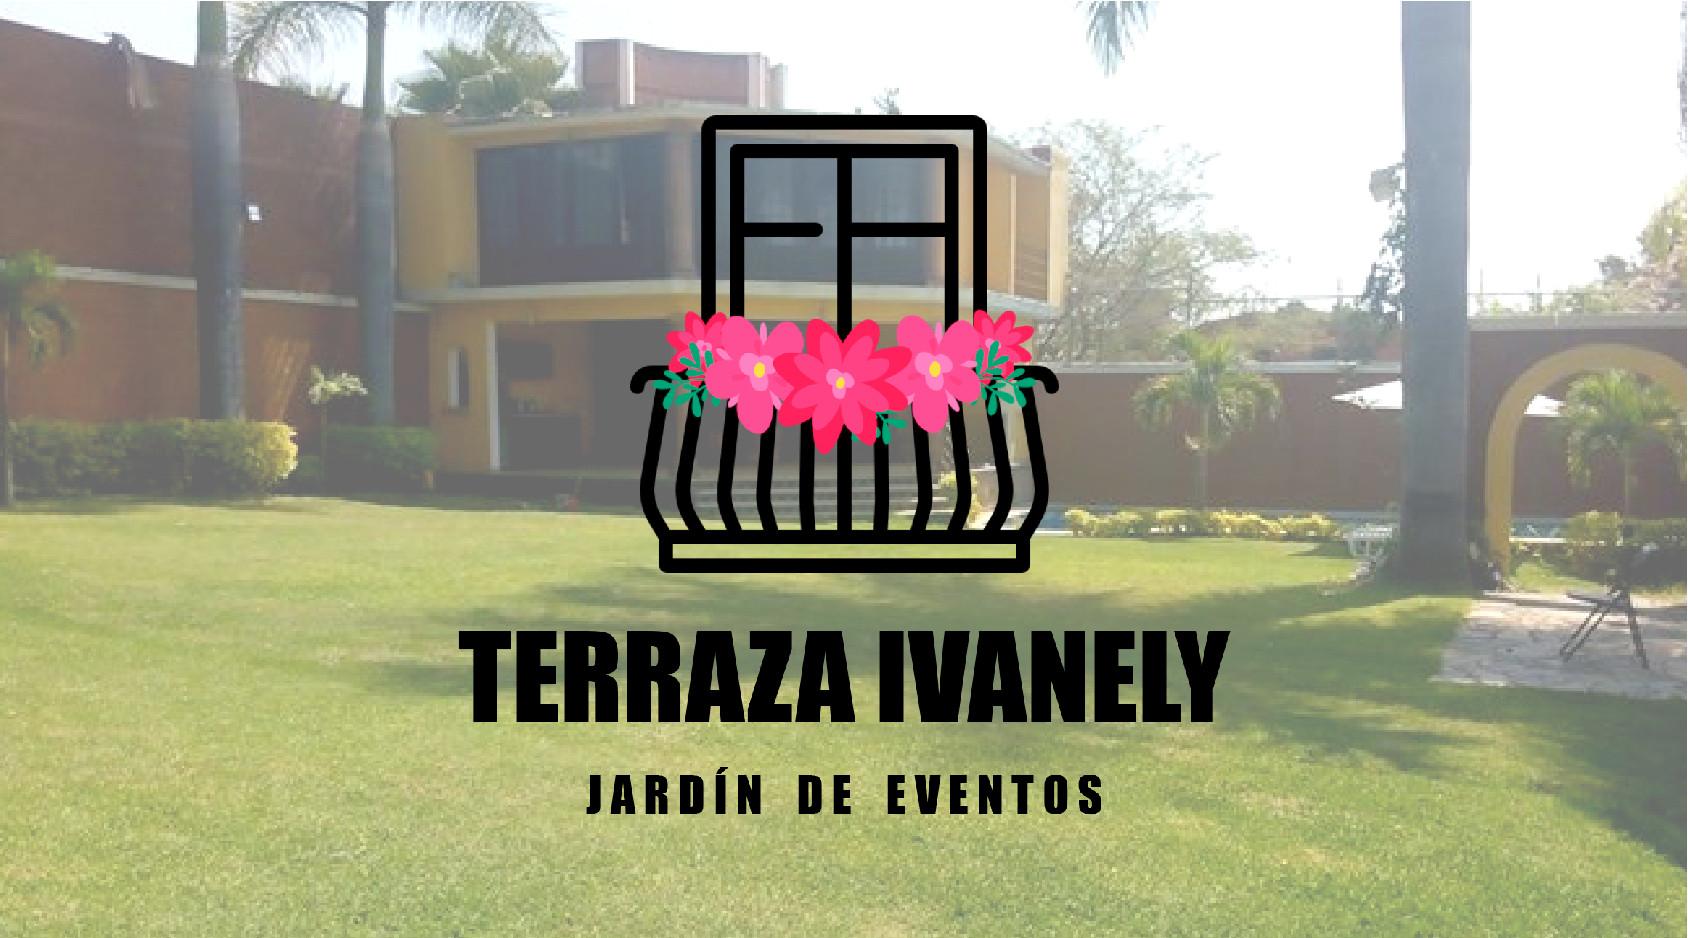 Contacto Terrazaivanely